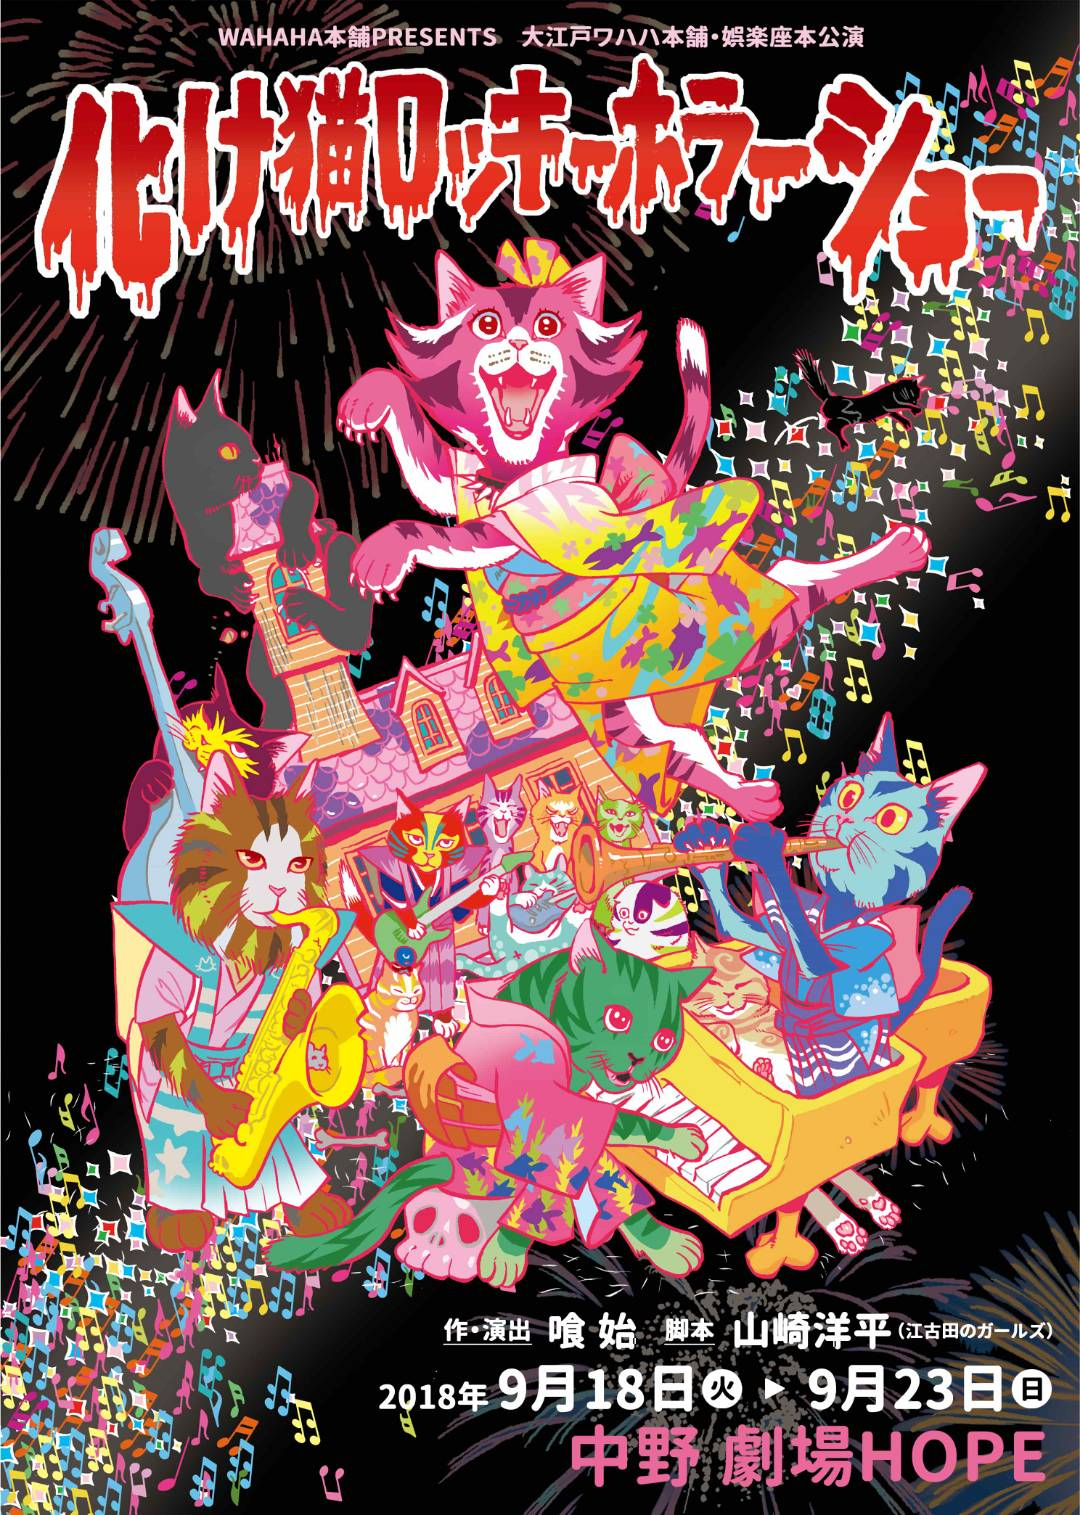 大江戸ワハハ本舗・娯楽座 本公演「化け猫ロッキーホラーショー」